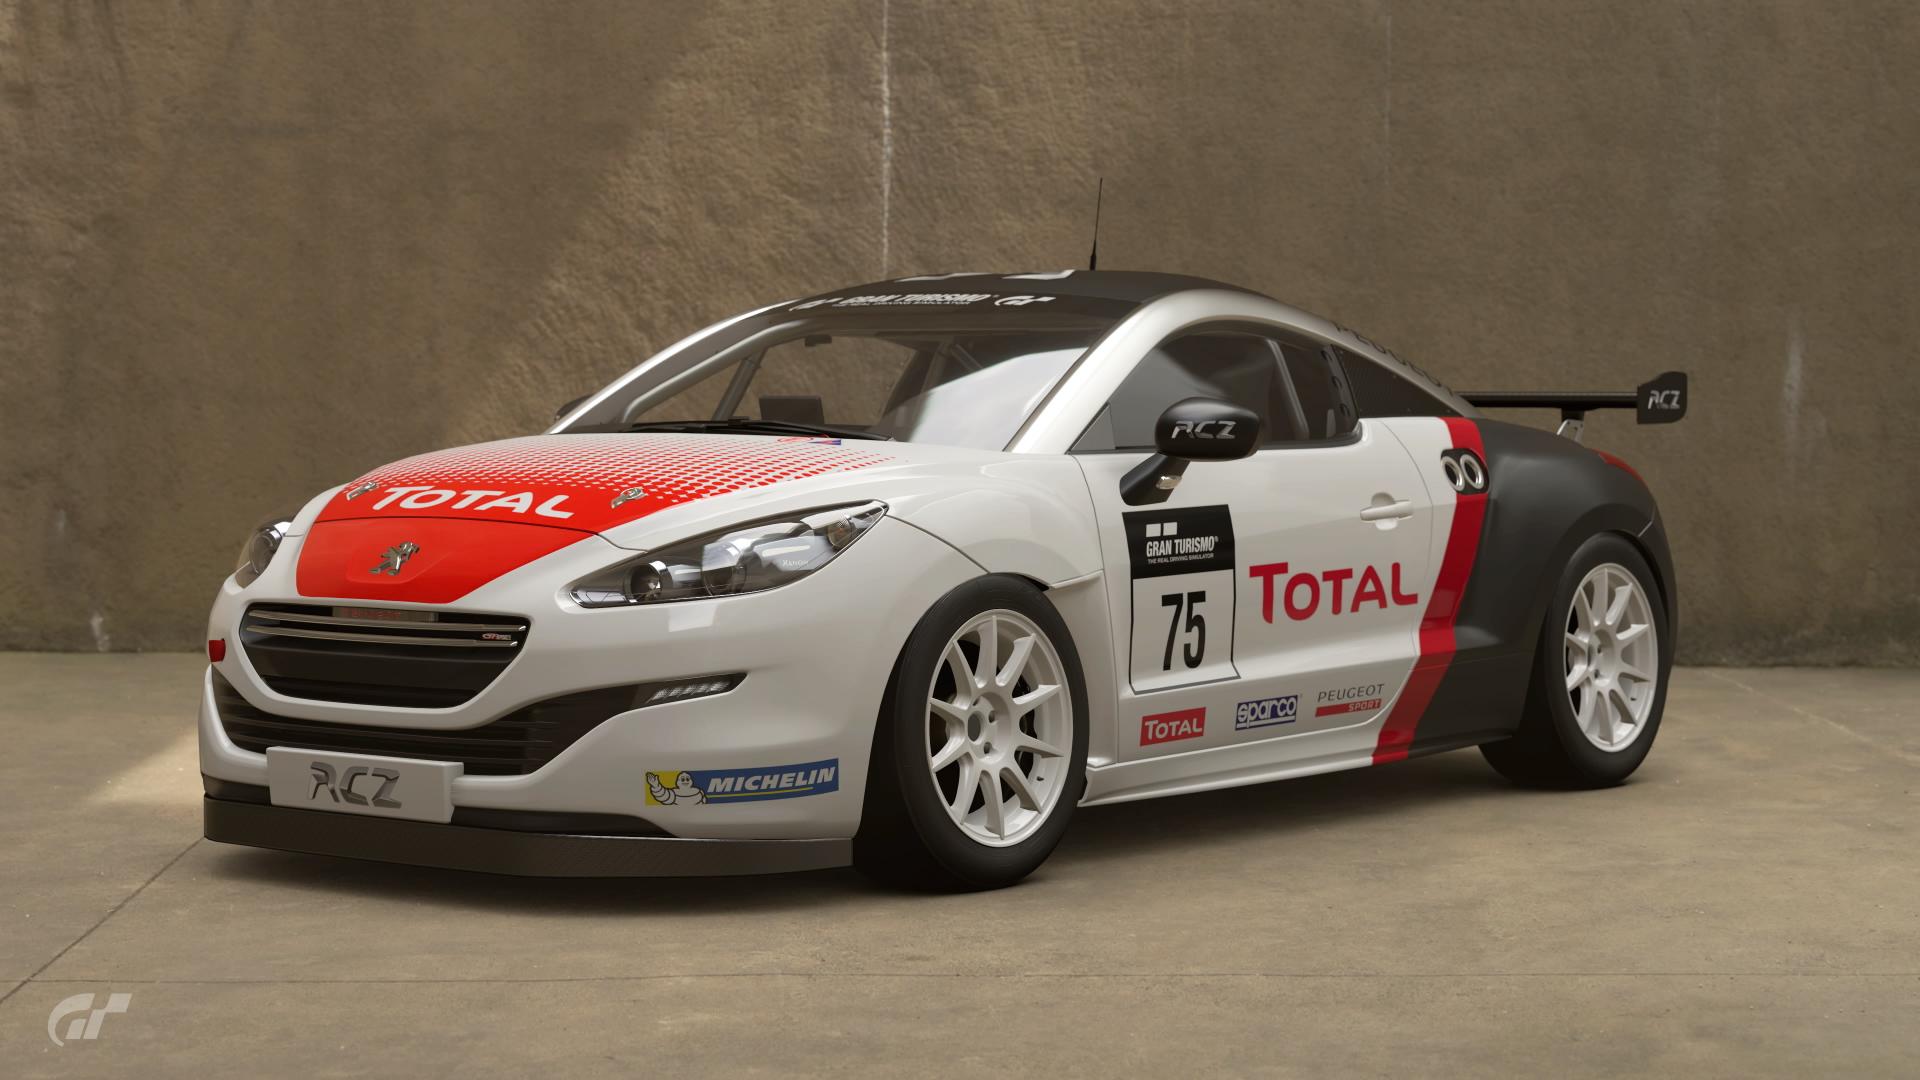 Peugeot RCZ Gr.4 | Gran Turismo Wiki | FANDOM powered by Wikia